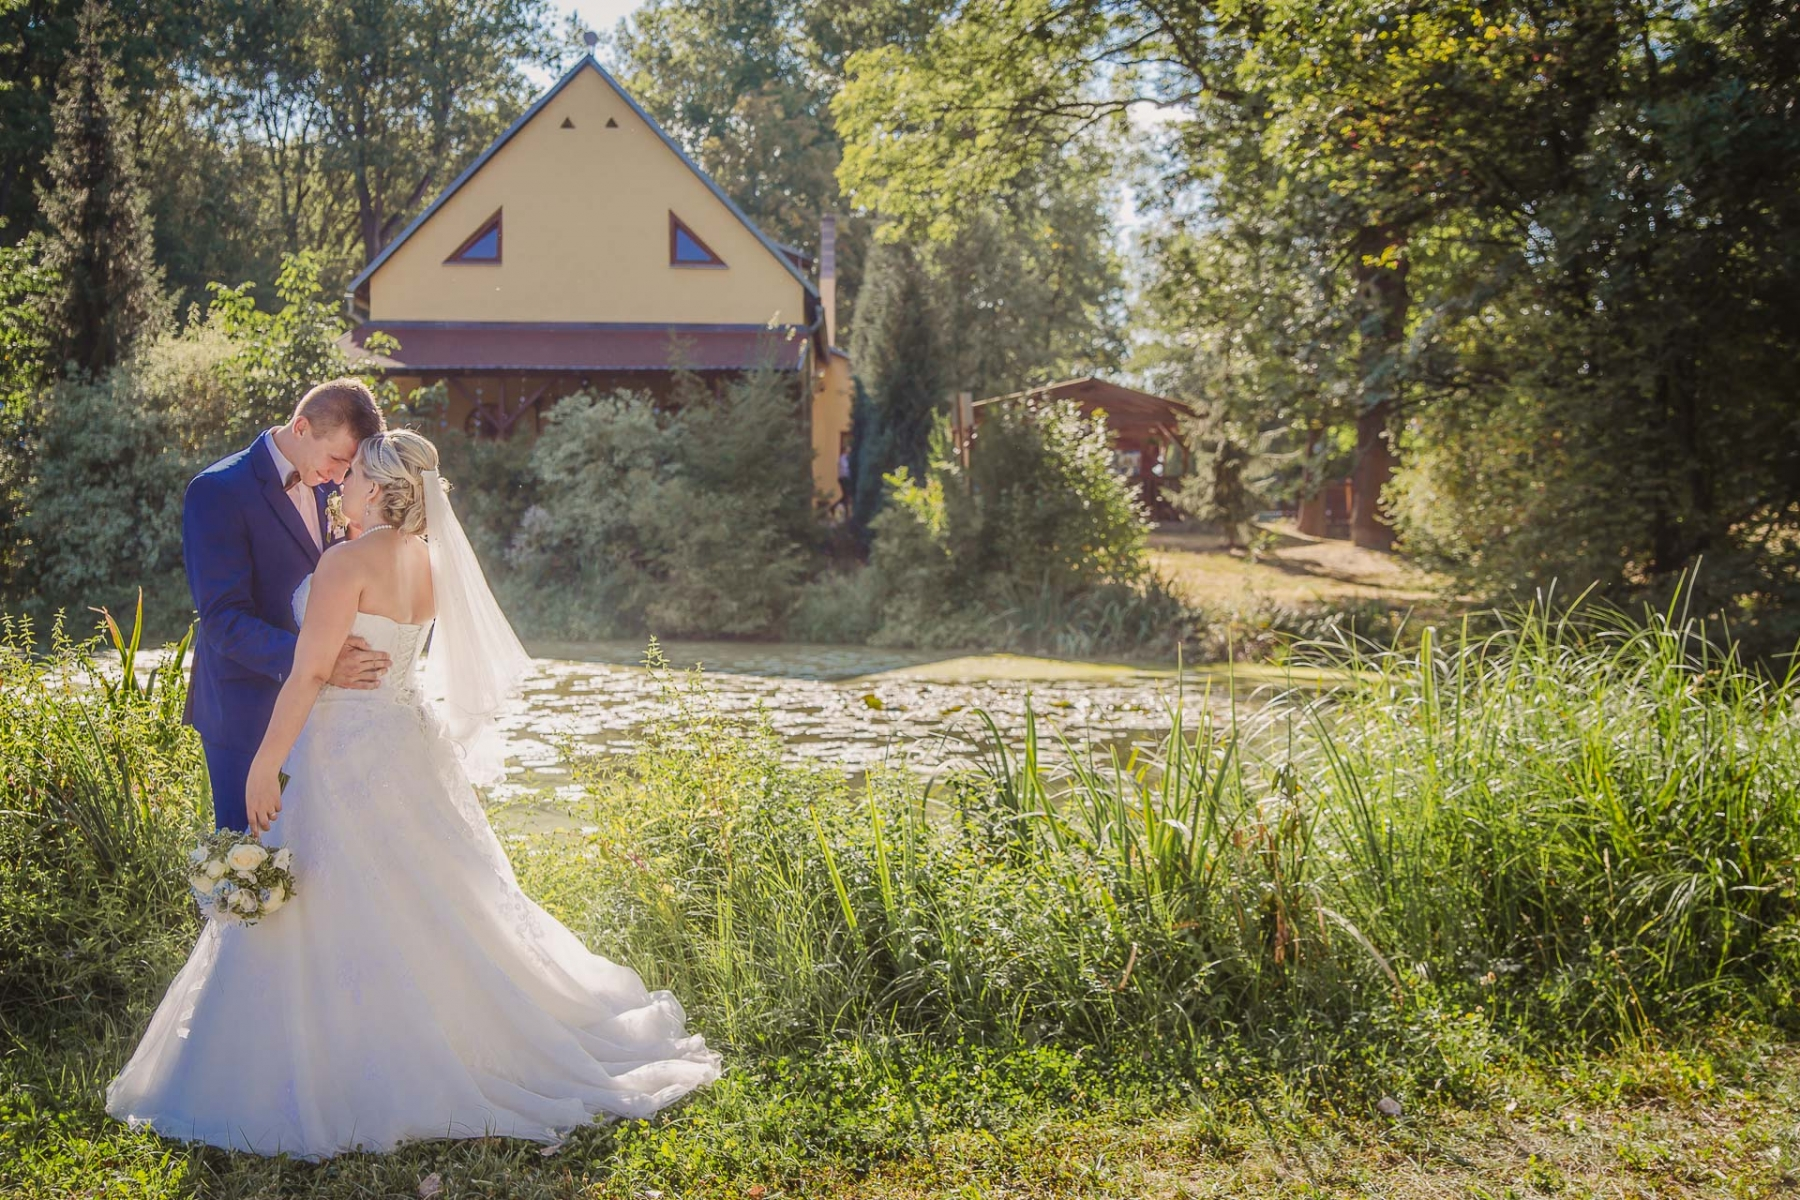 svatební fotograf zámek Mníšek pod Brdy, svatba na zámku, letní nejkrásnější zámecká svatba, Bára a Ondra-125